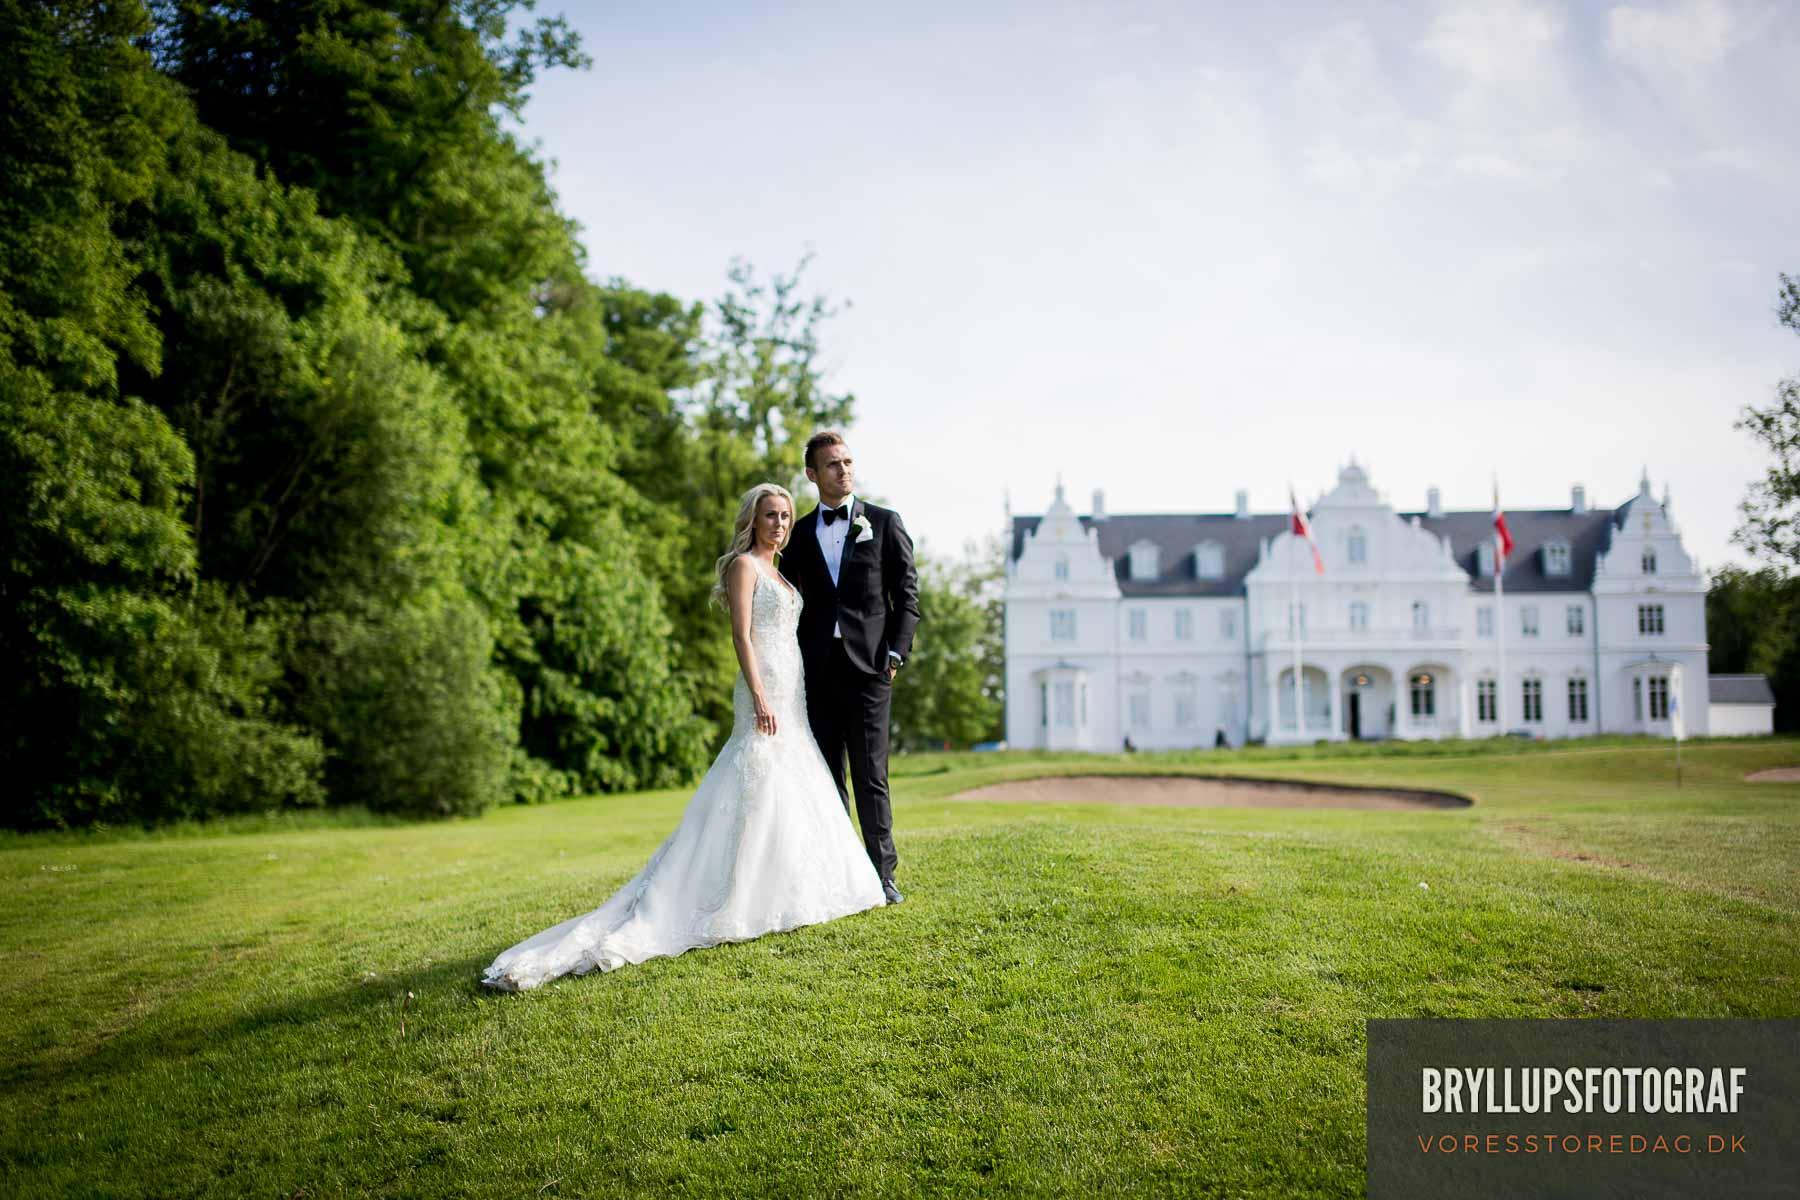 Så book en erfaren og kreativ bryllupsfotograf